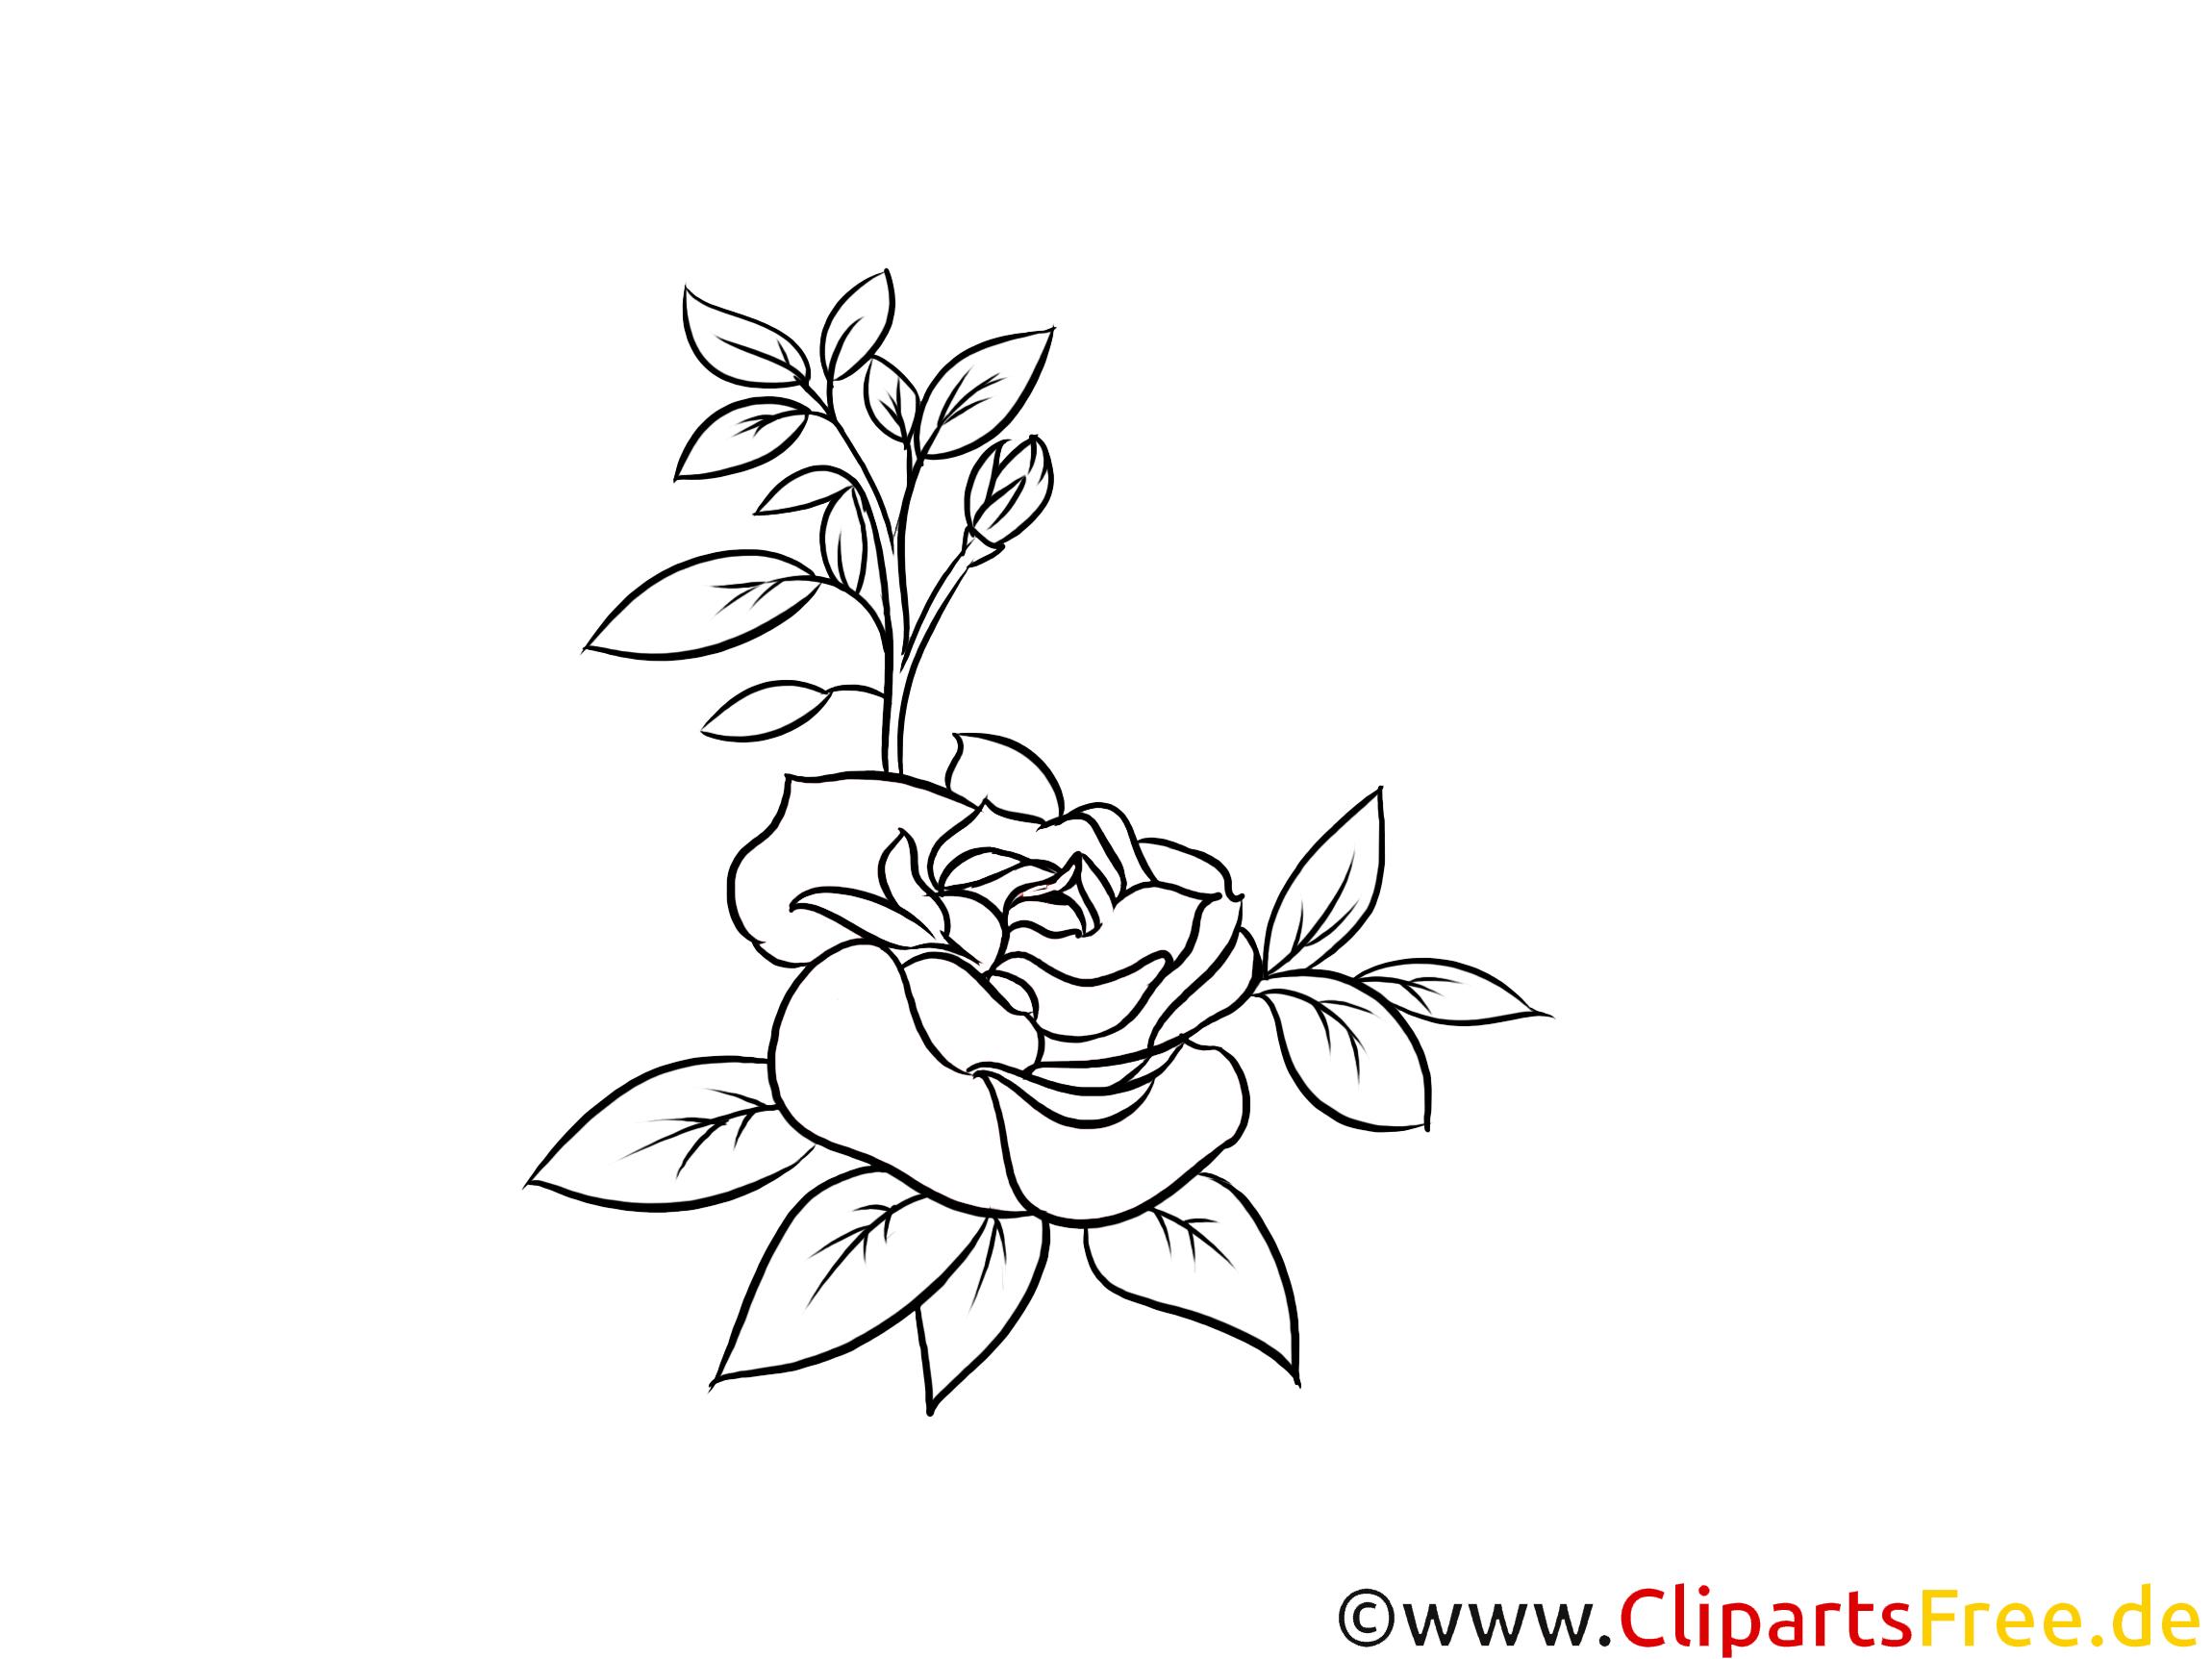 Rose schwarz-weiß Grafik, Bild, Clipart